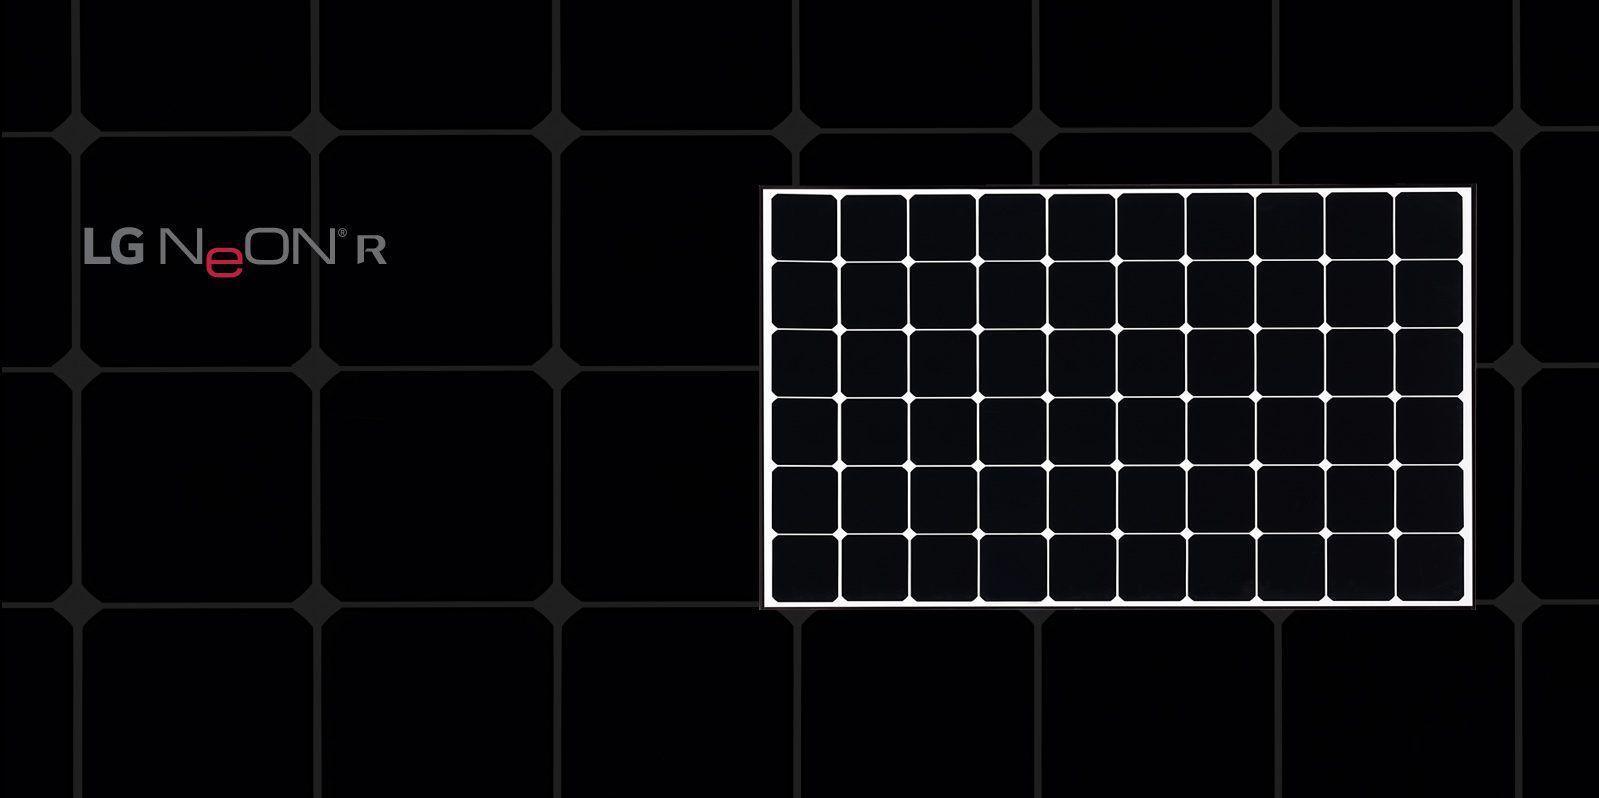 Flagship Residential Solar Panel From Lg Breaks 21 Efficiency Goes All Black Http Ift Tt 2biofjg Residential Solar Panels Green Energy Residential Solar